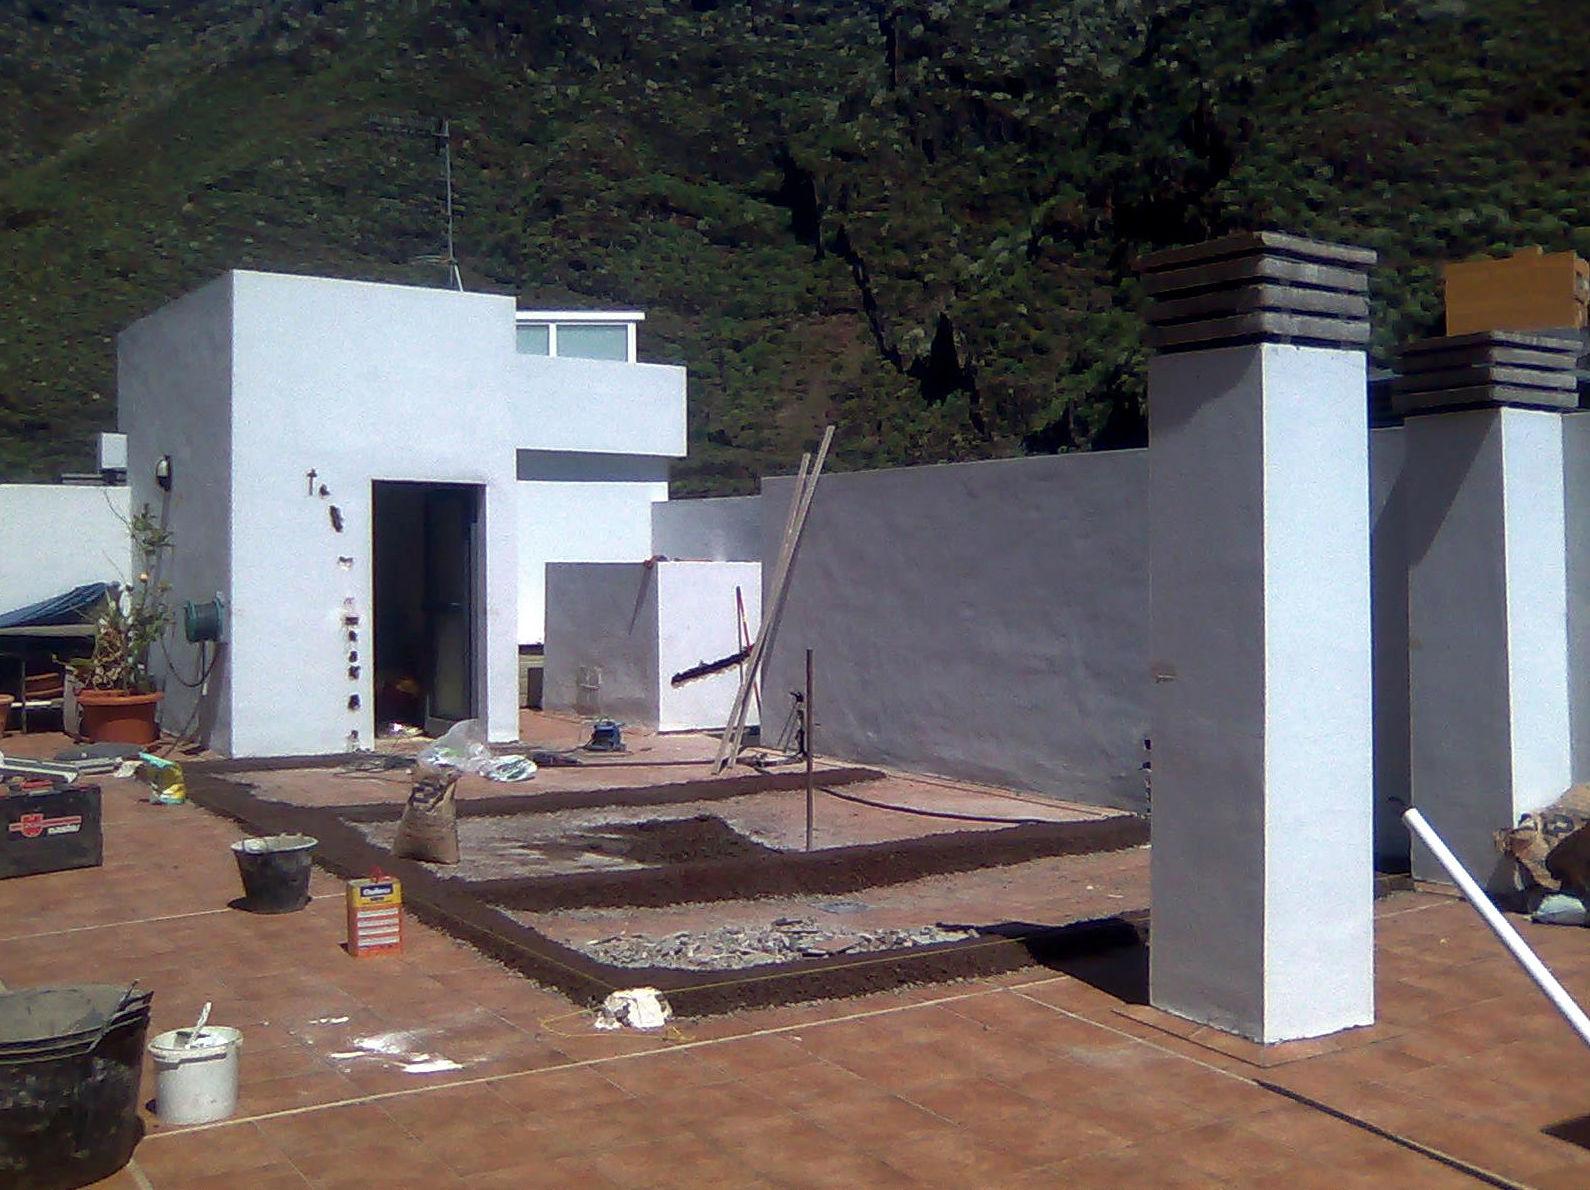 Obras de reforma para realizar cerramiento en aluminio para creación de habitación en azotea de vivienda en Santa Cruz de Tenerife